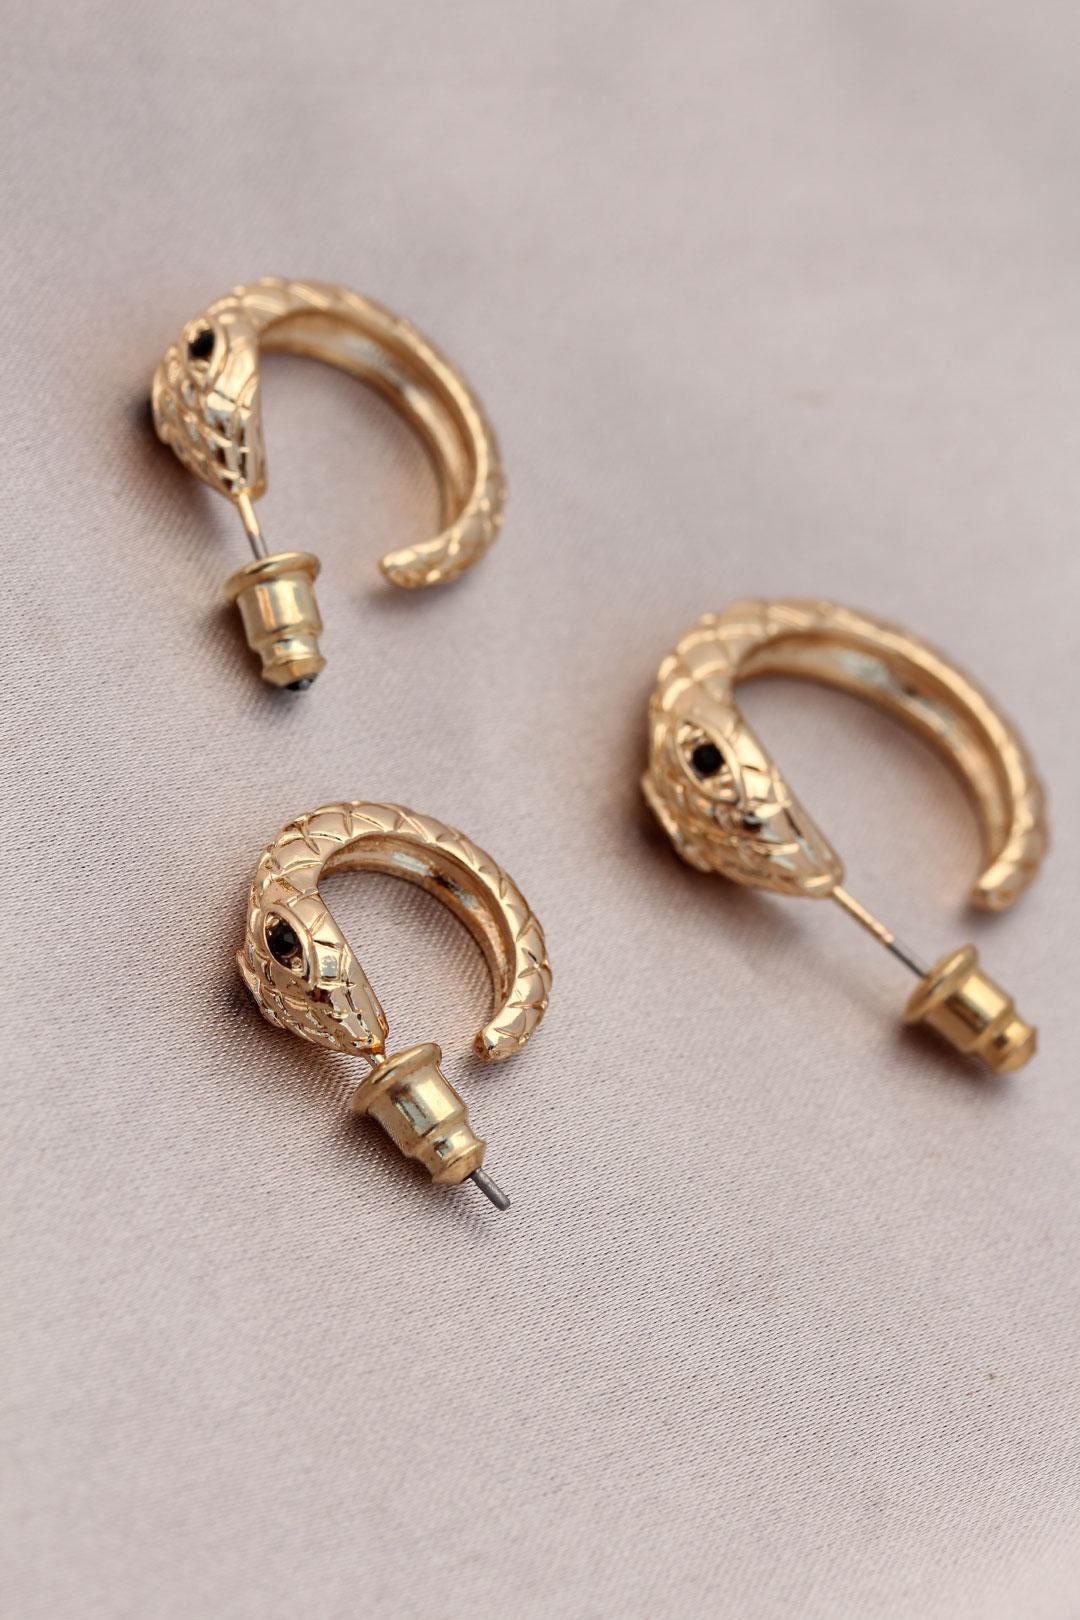 Yılan Tasarımlı Halka Model Gold Metal Küpe Seti